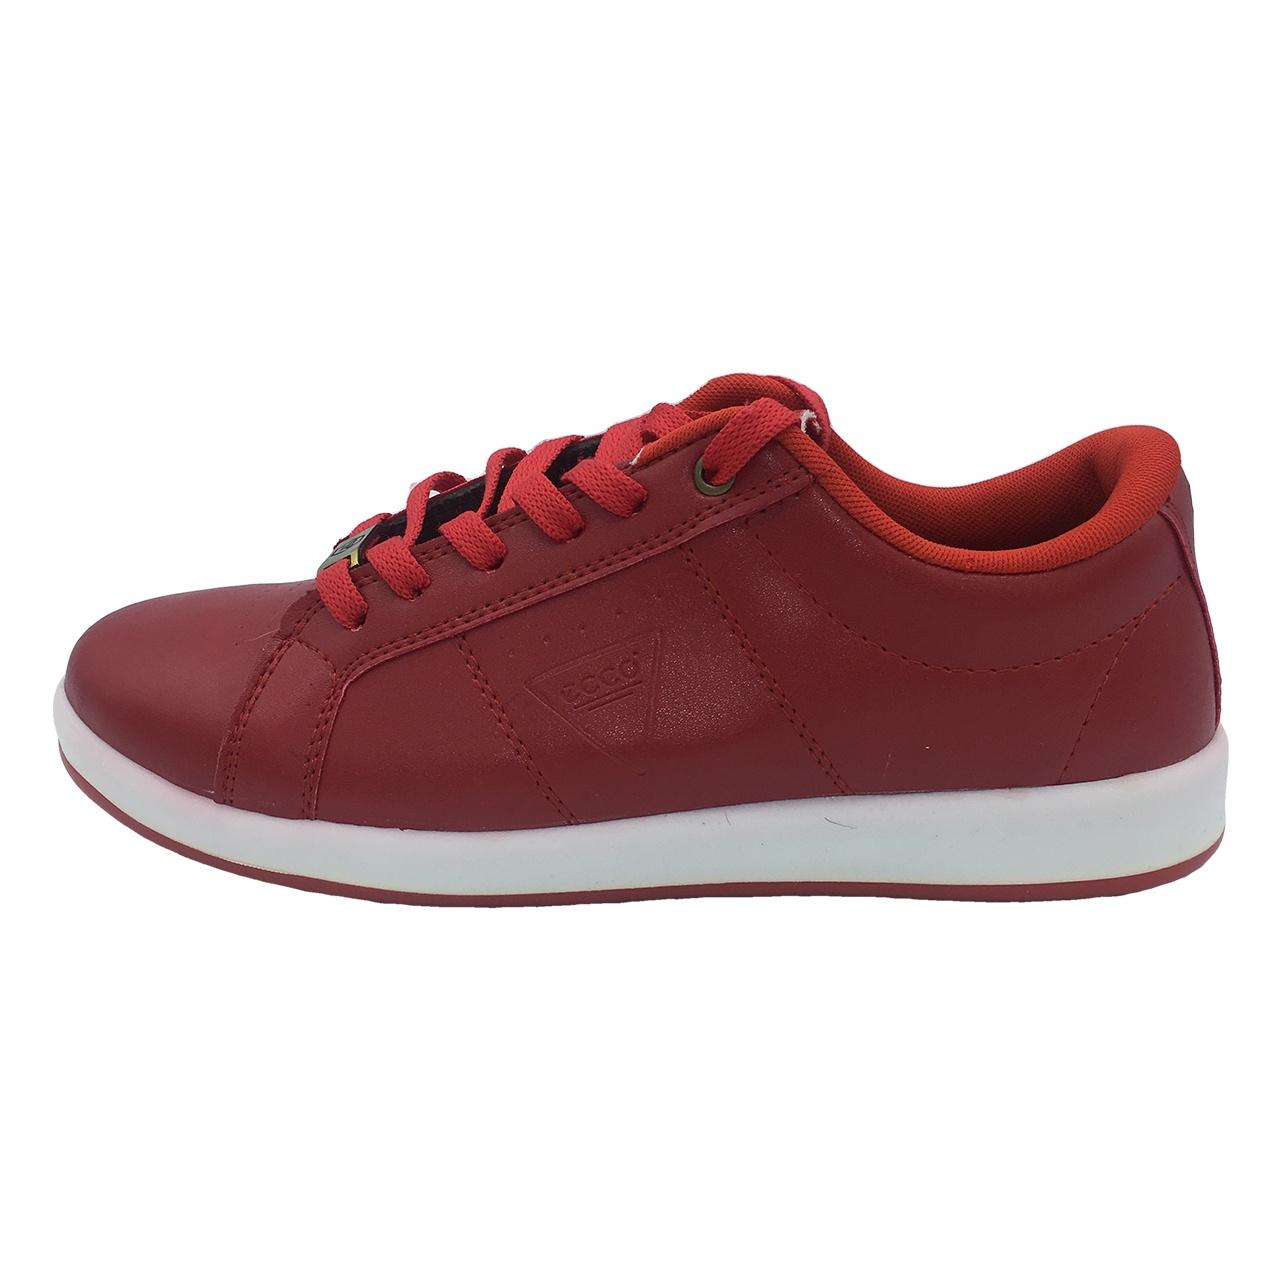 کفش مخصوص پیاده روی زنانه مدل  VA-n رنگ قرمز